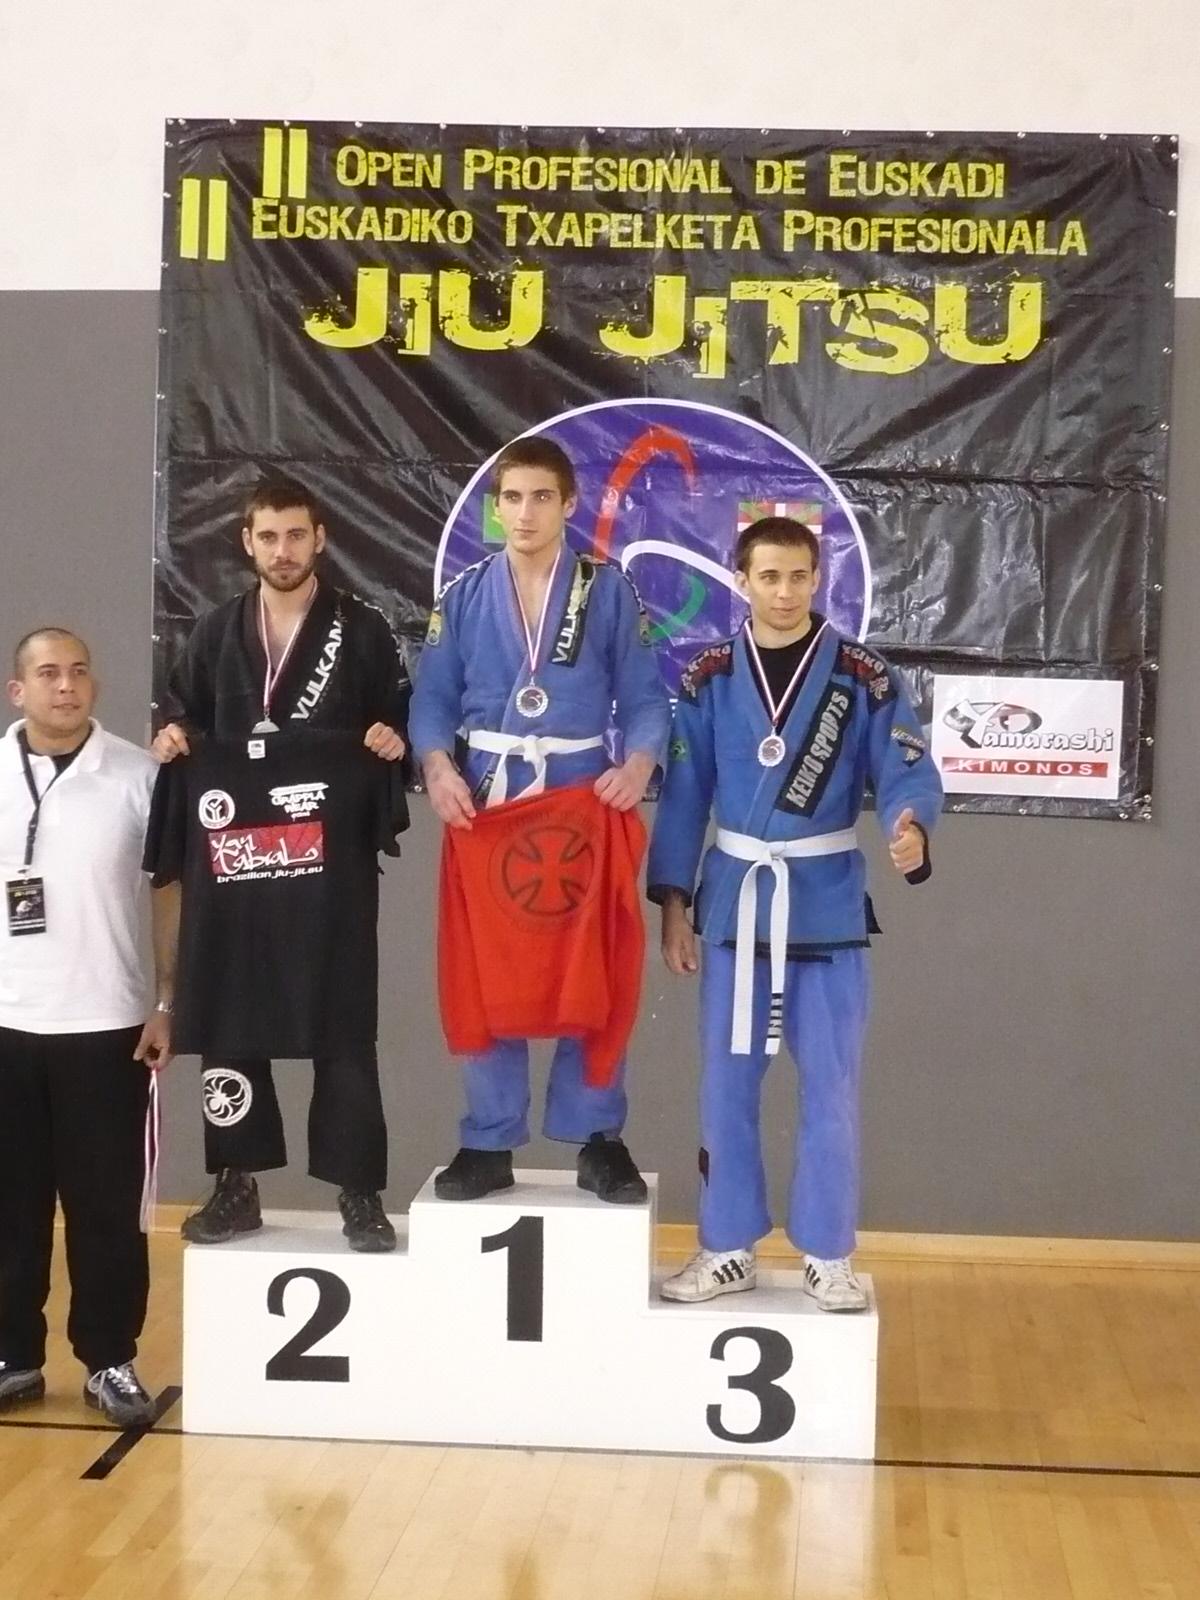 Dídac Lopez 'Espartano' en el podio